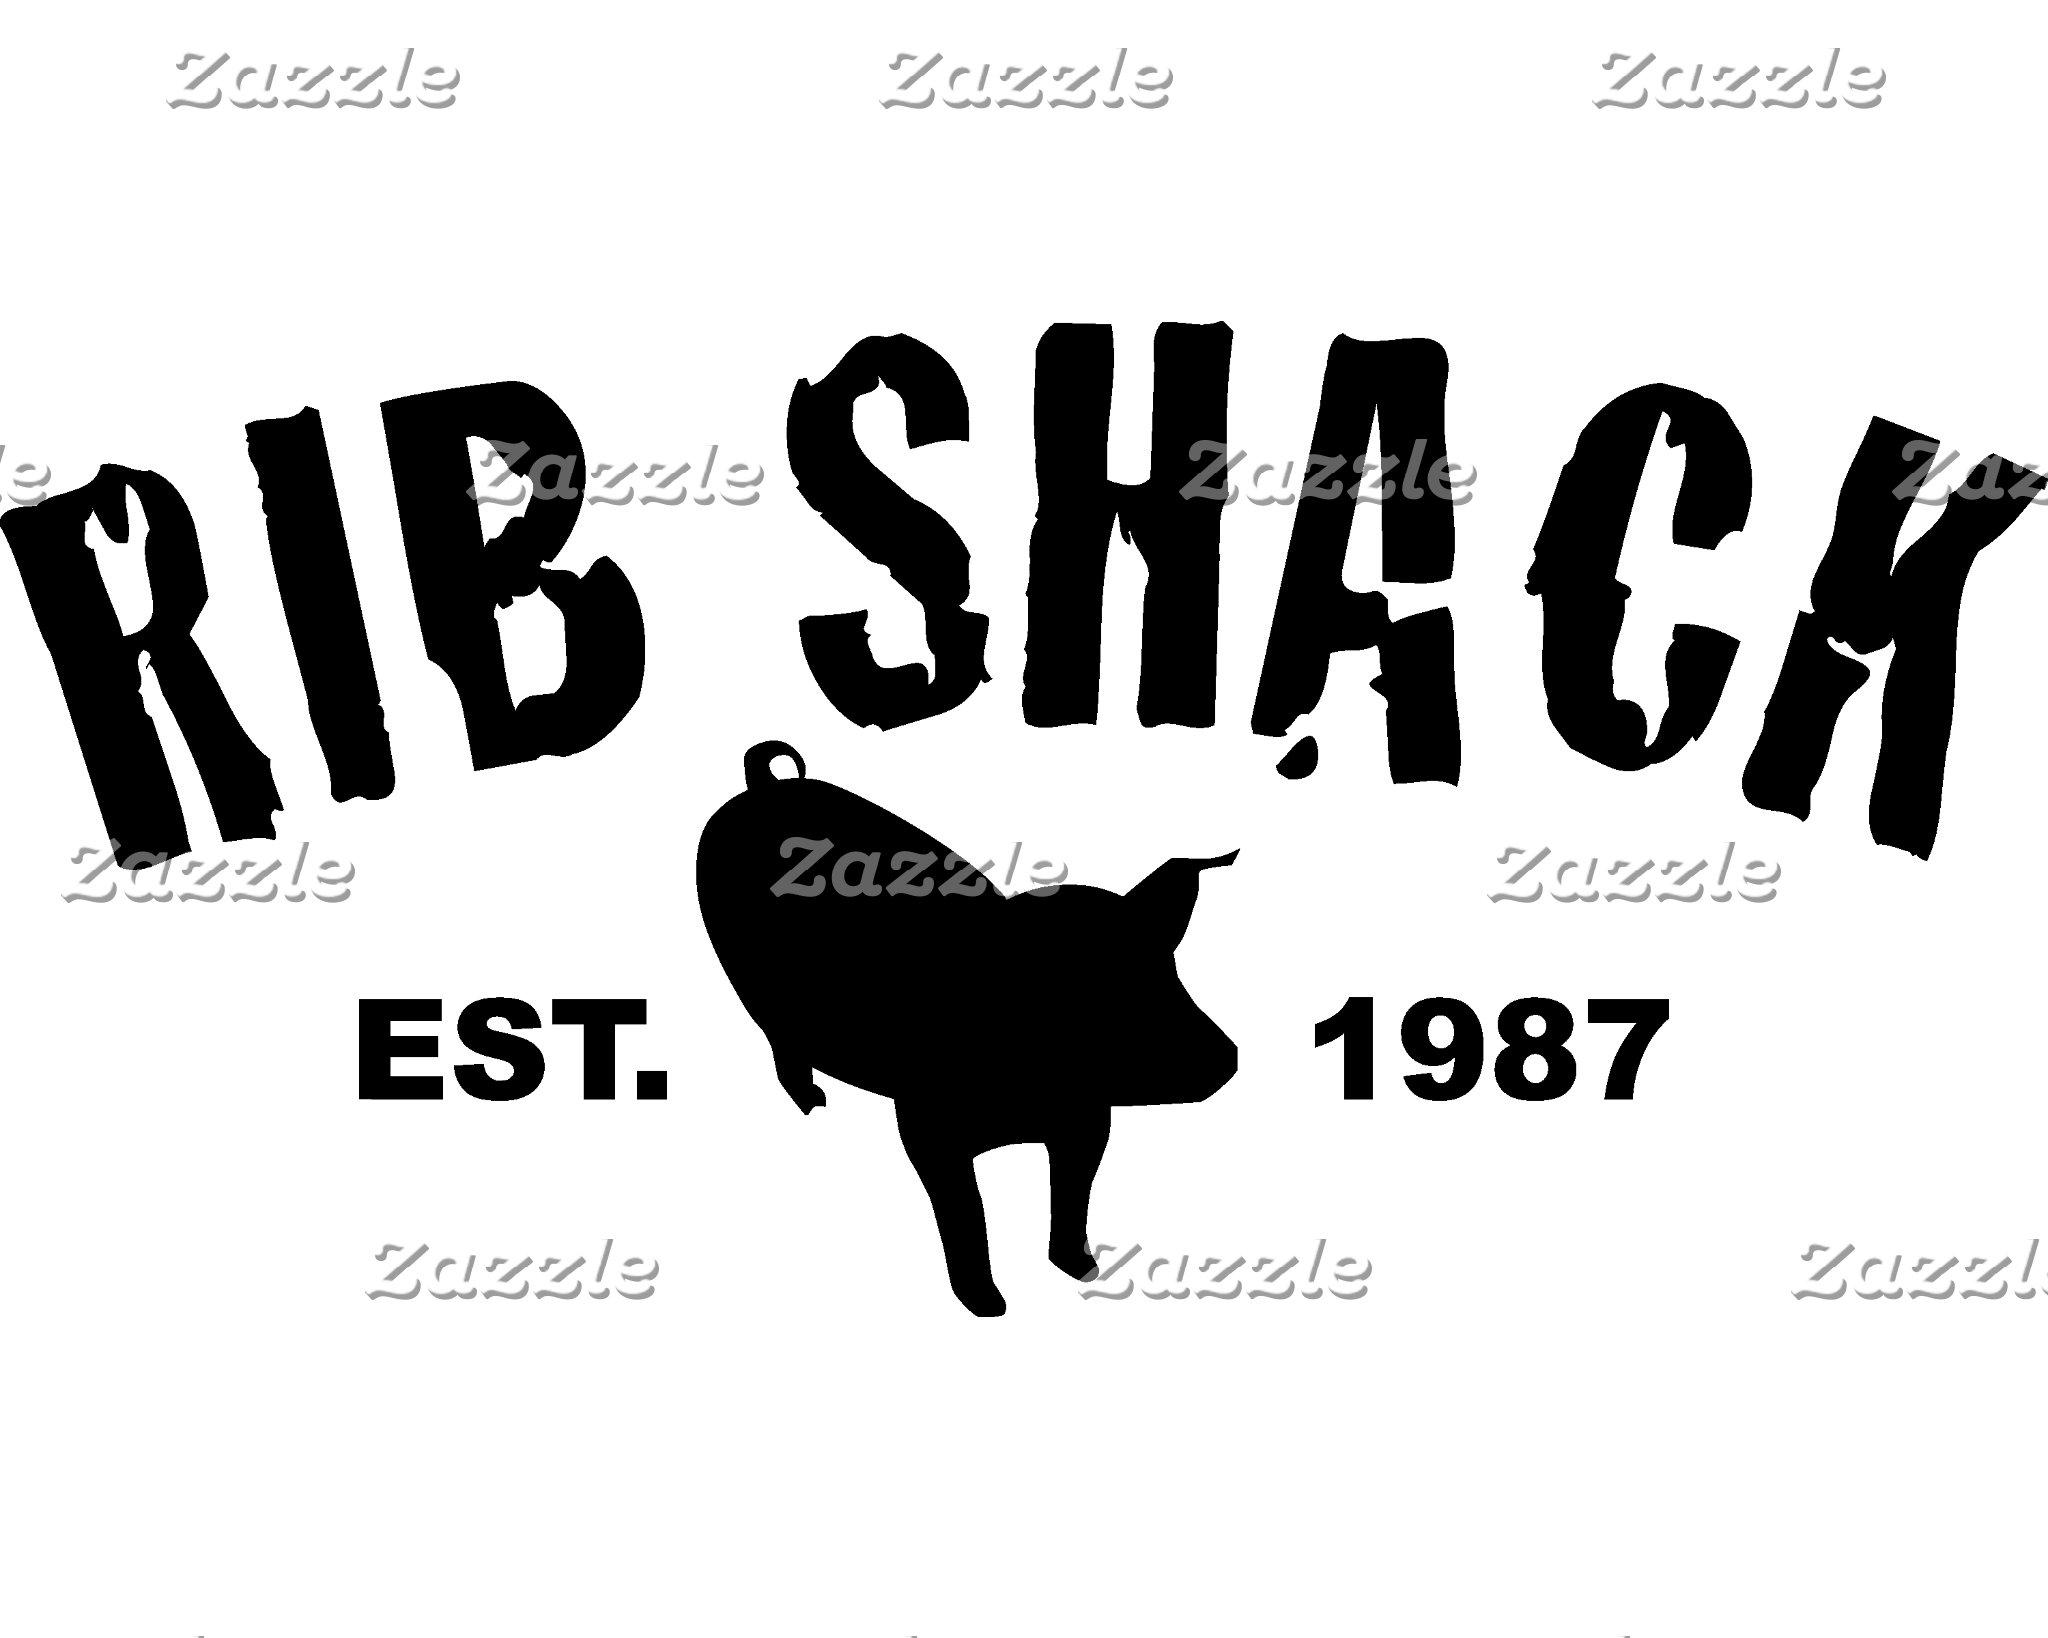 Food & Drink - Rib Shack, Chocolate, Lobster, Beer